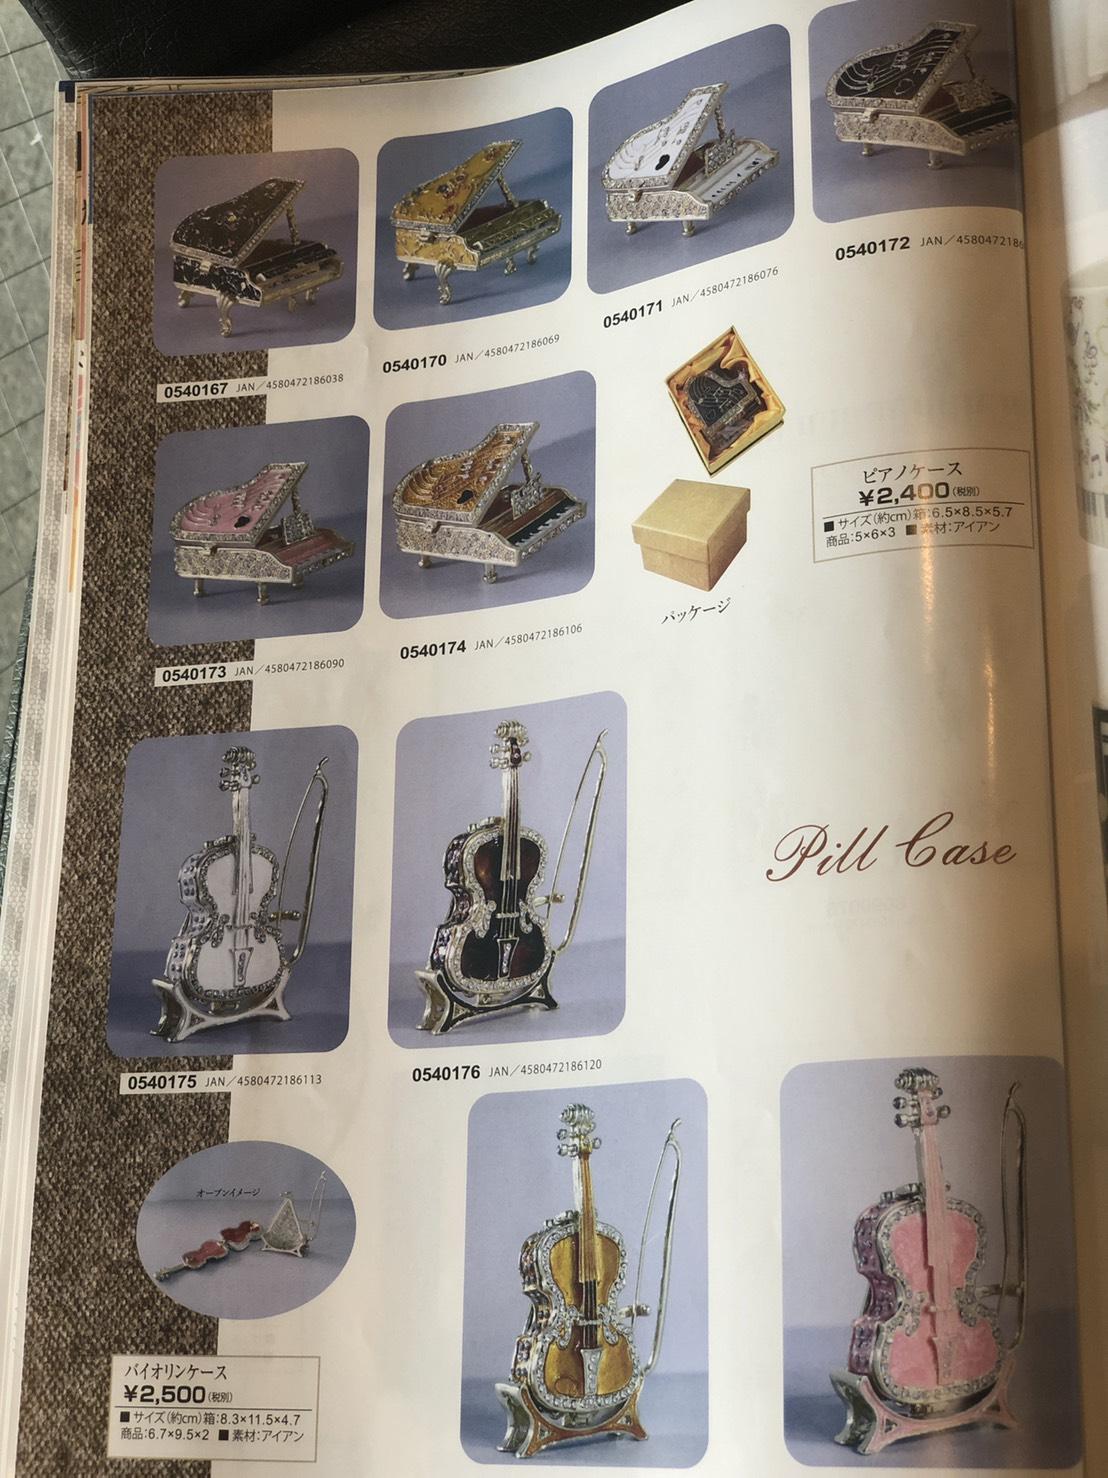 ピアノケース ※お取り寄せ商品 引き出物 記念品 音楽雑貨 音符 ピアノモチーフ ト音記号 ピアノ雑貨